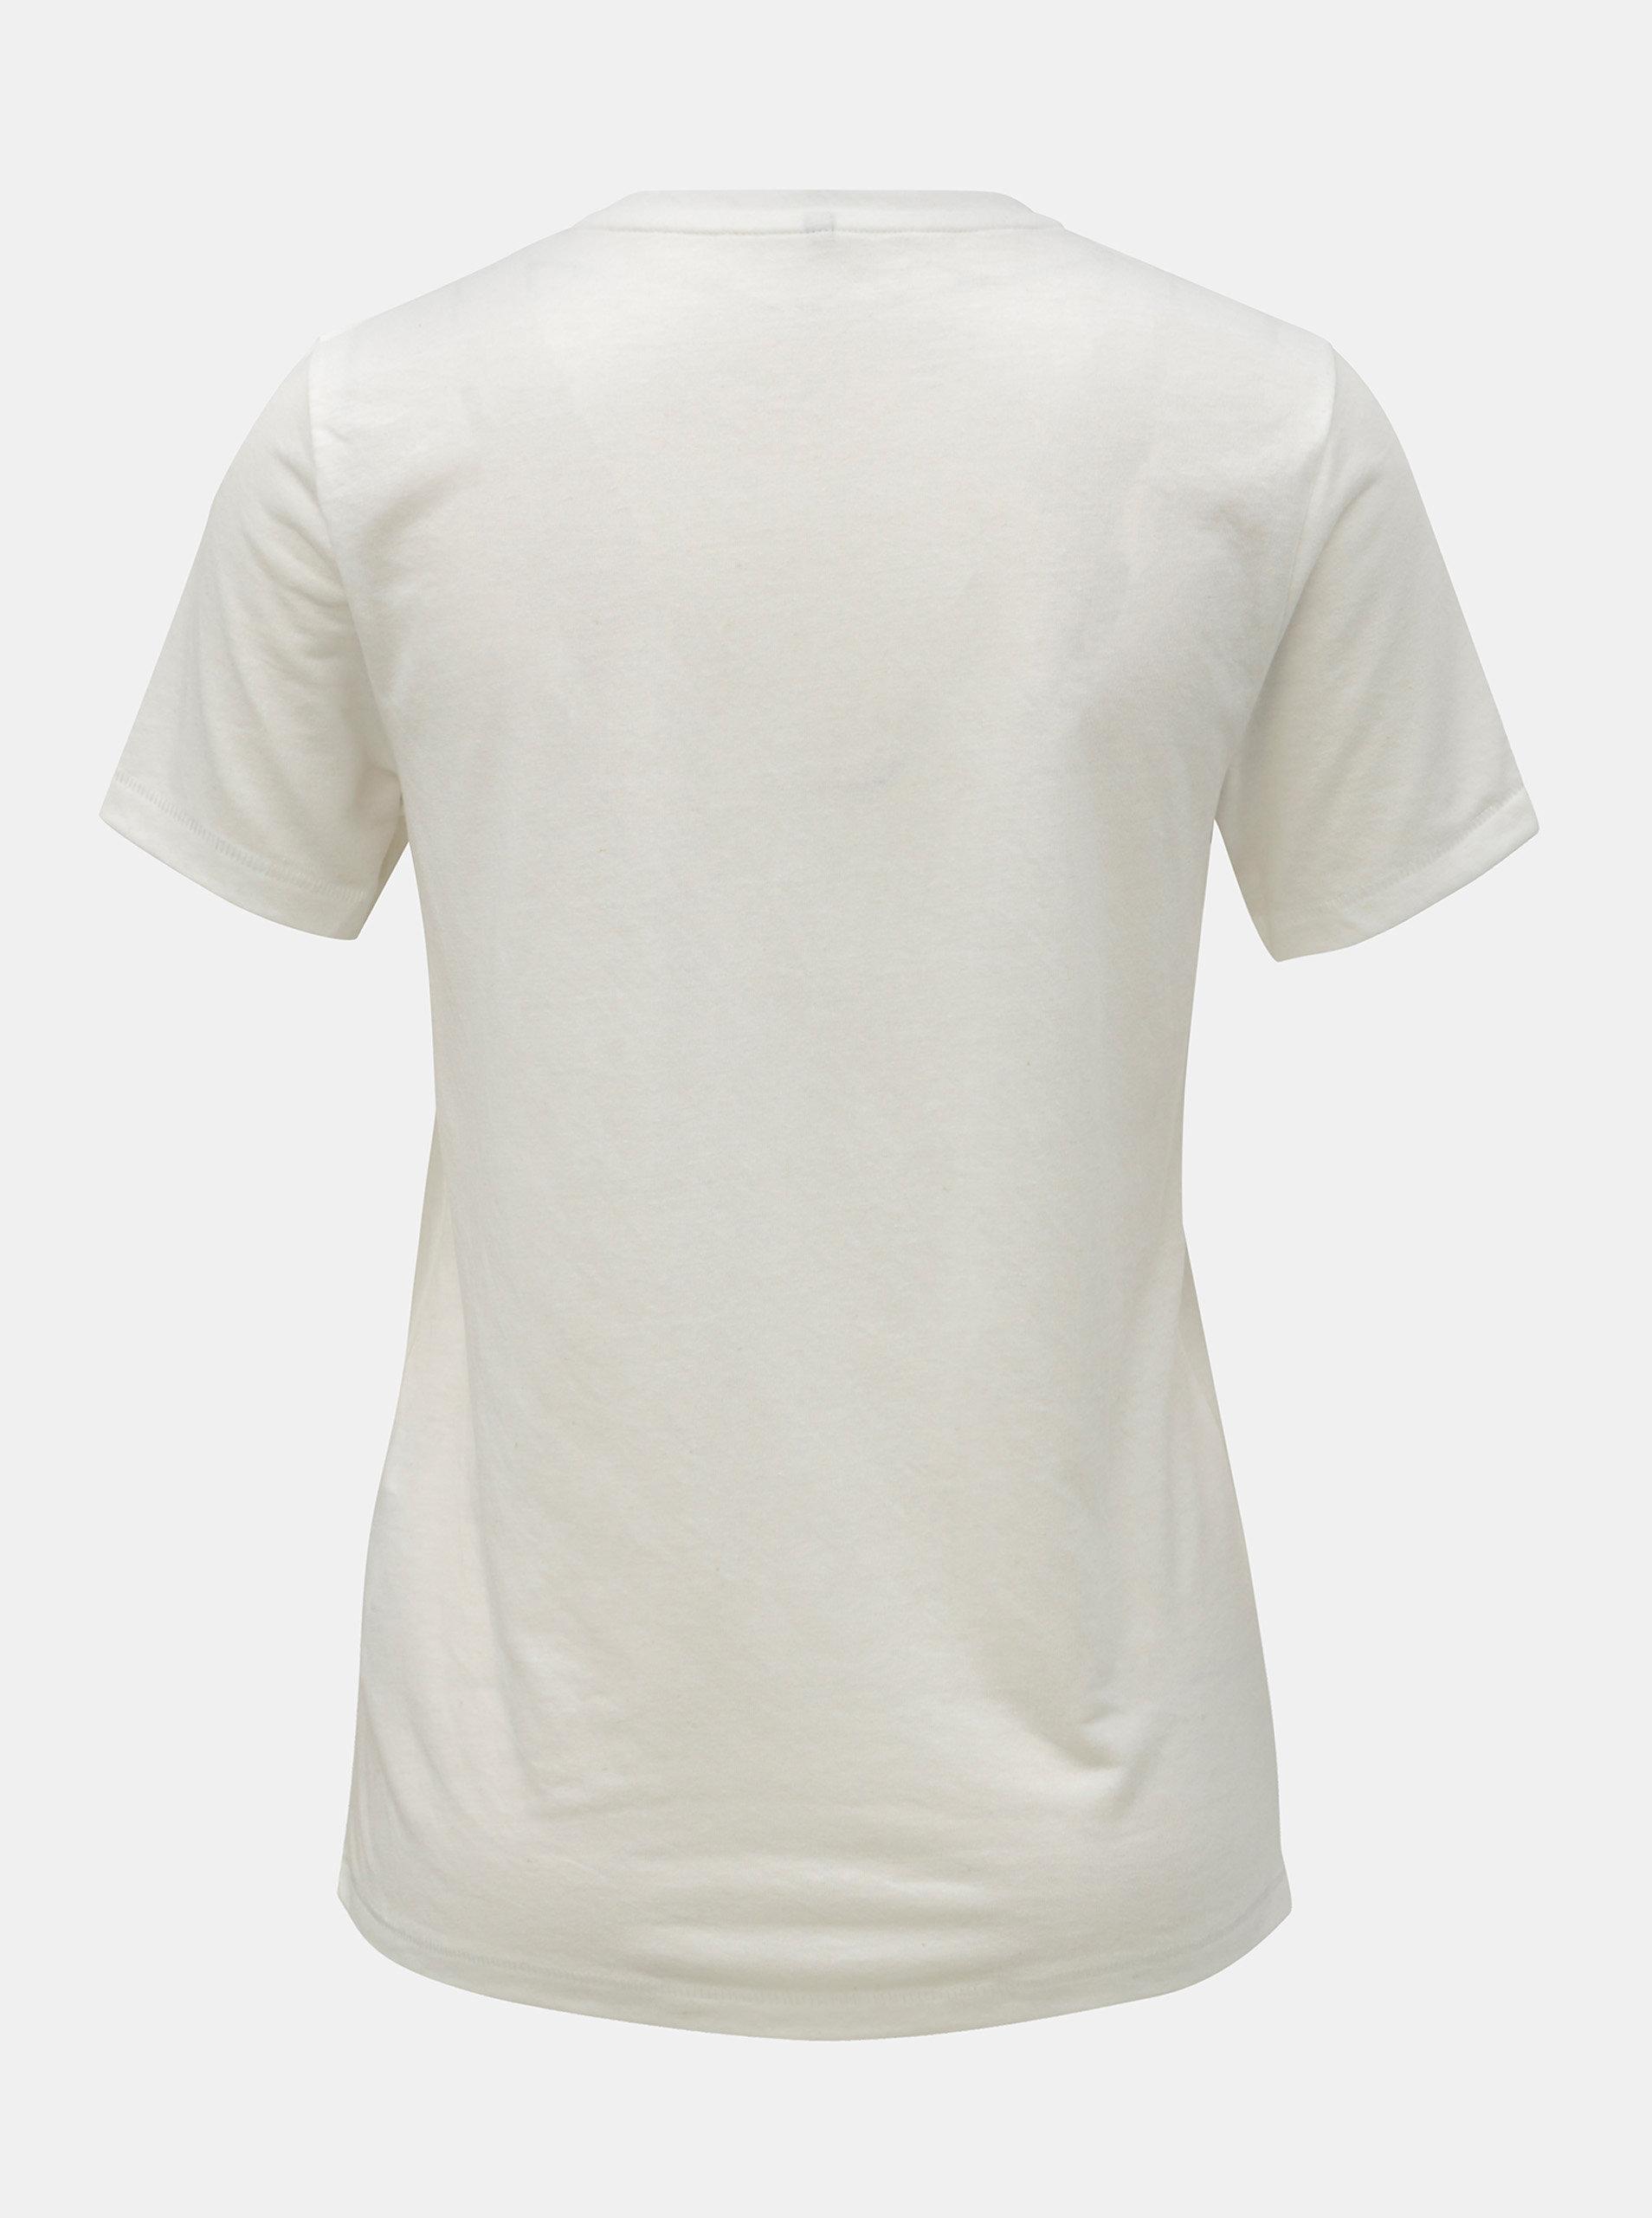 59acbbca92d4 Krémové tričko s flitrami a prímesou ľanu ONLY Lina ...